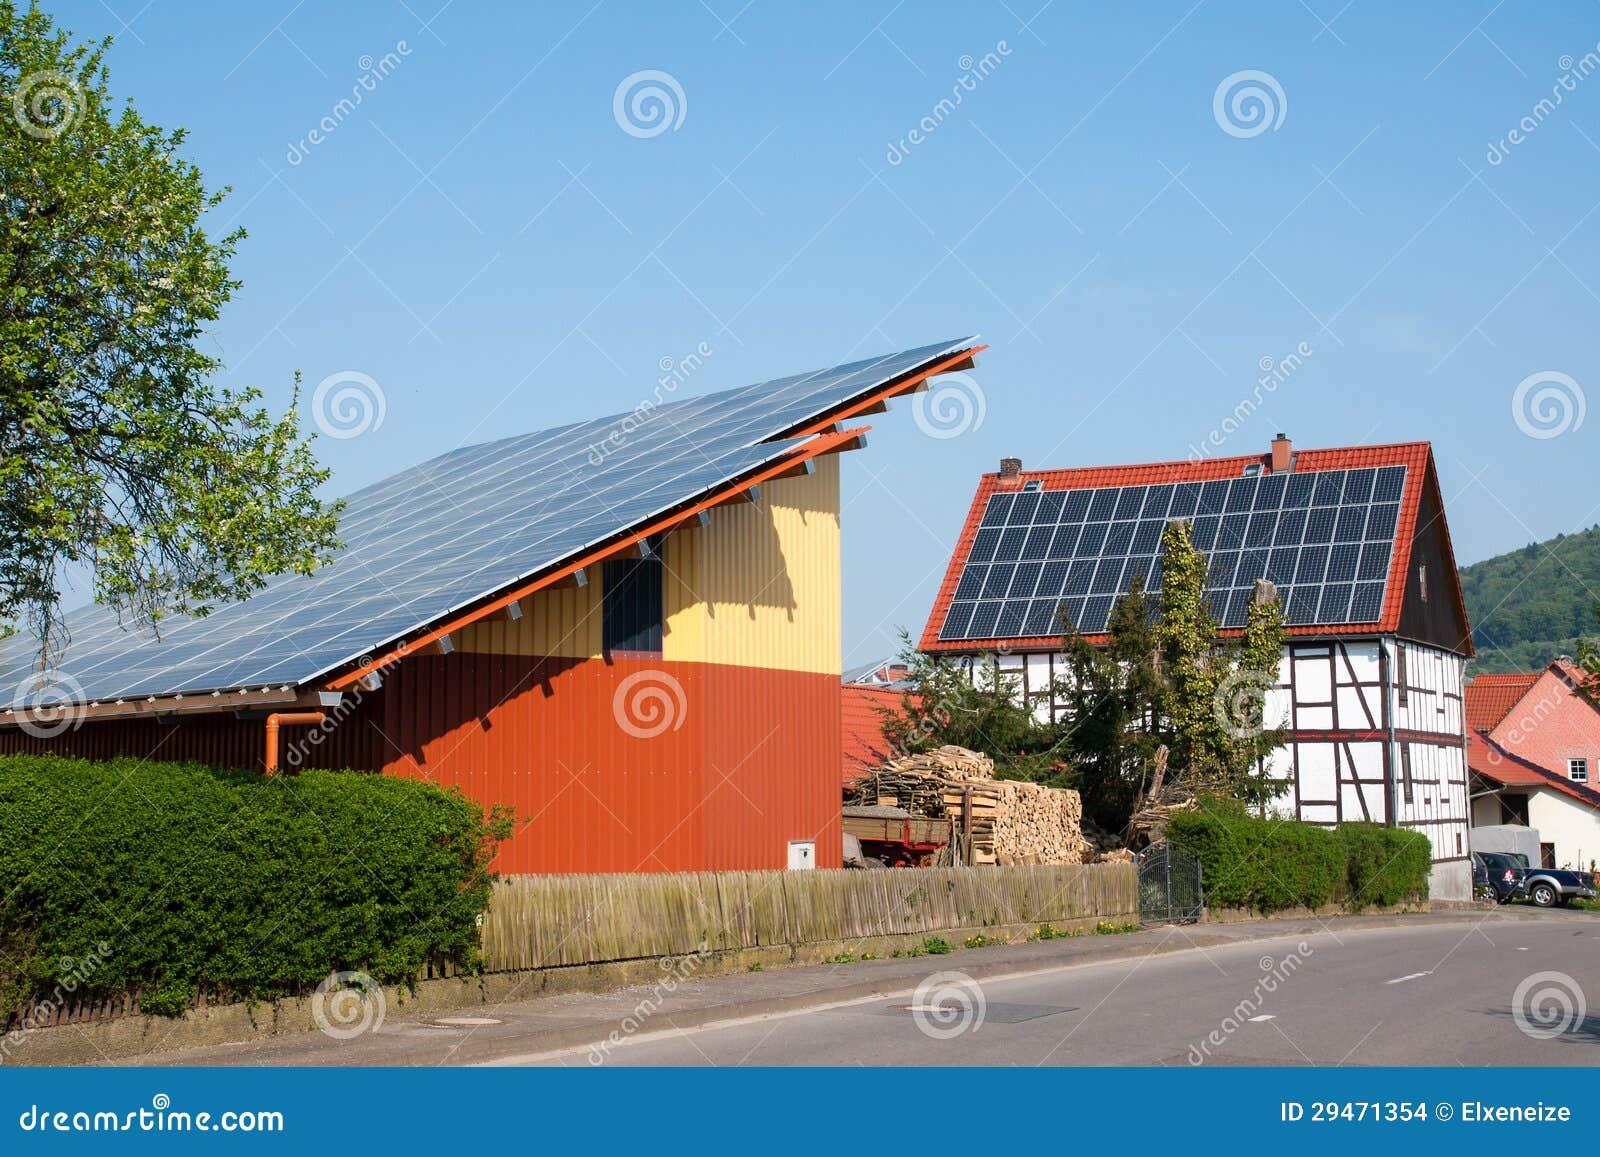 Fattoria con i pannelli solari immagini stock immagine for Pannelli solari immagini